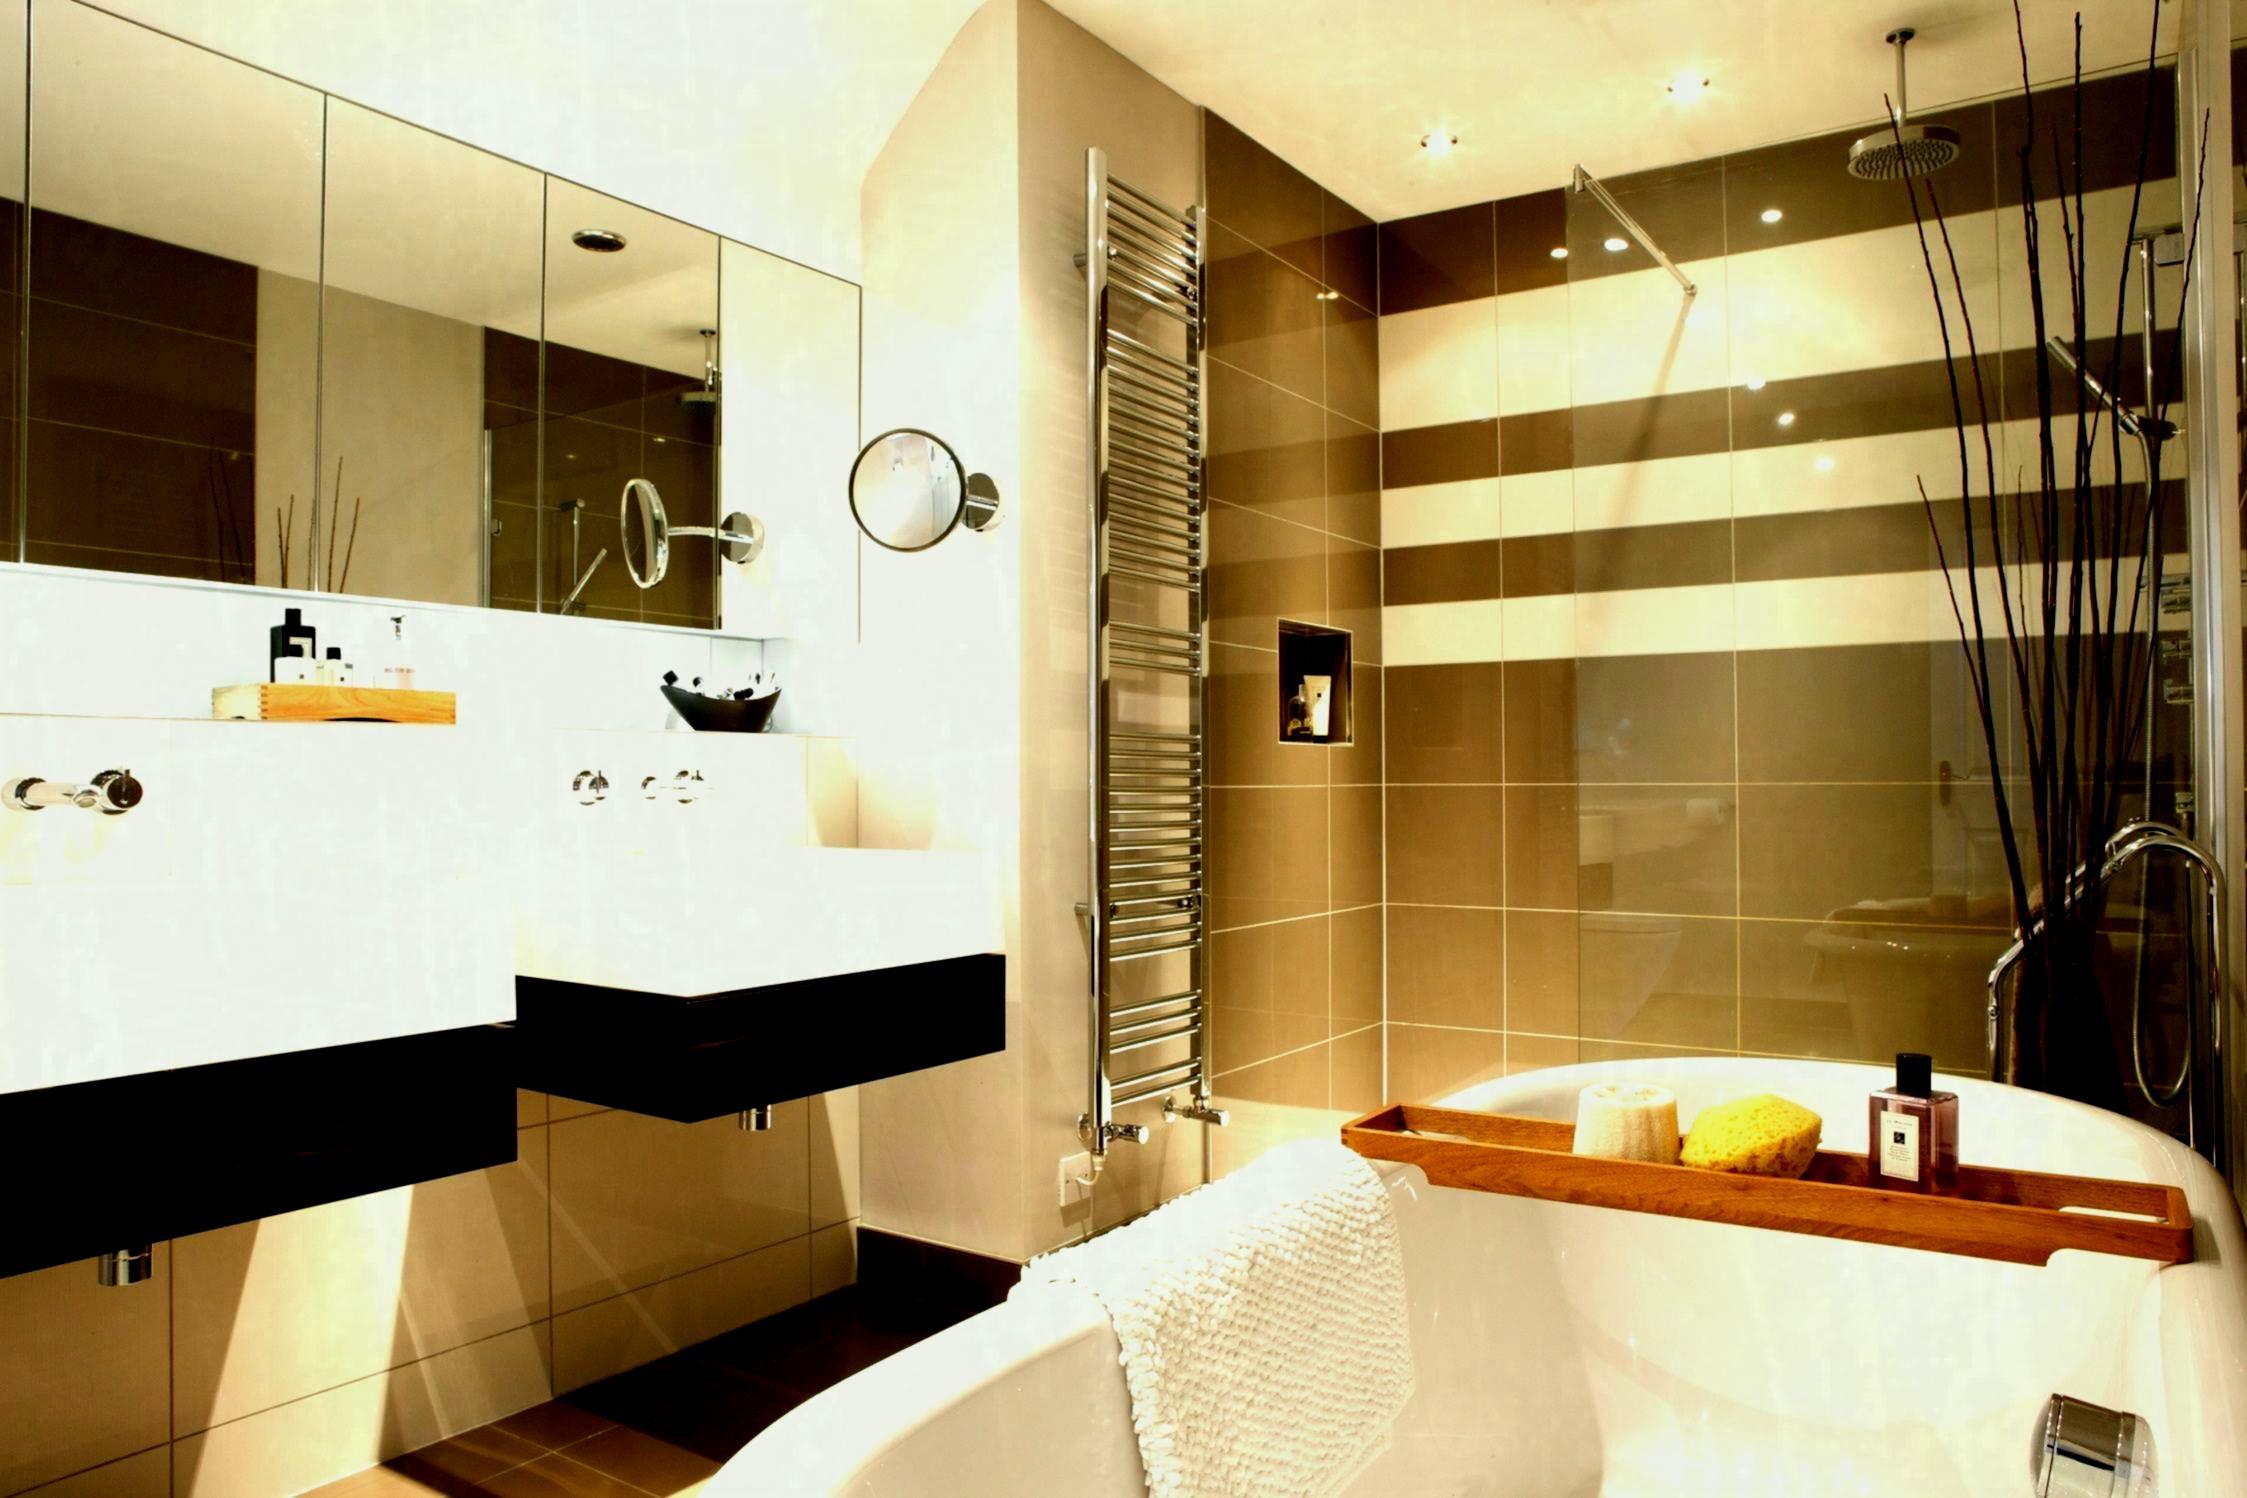 Best Bathroom Tiles Ideas Construction - Bathroom Design Ideas ...